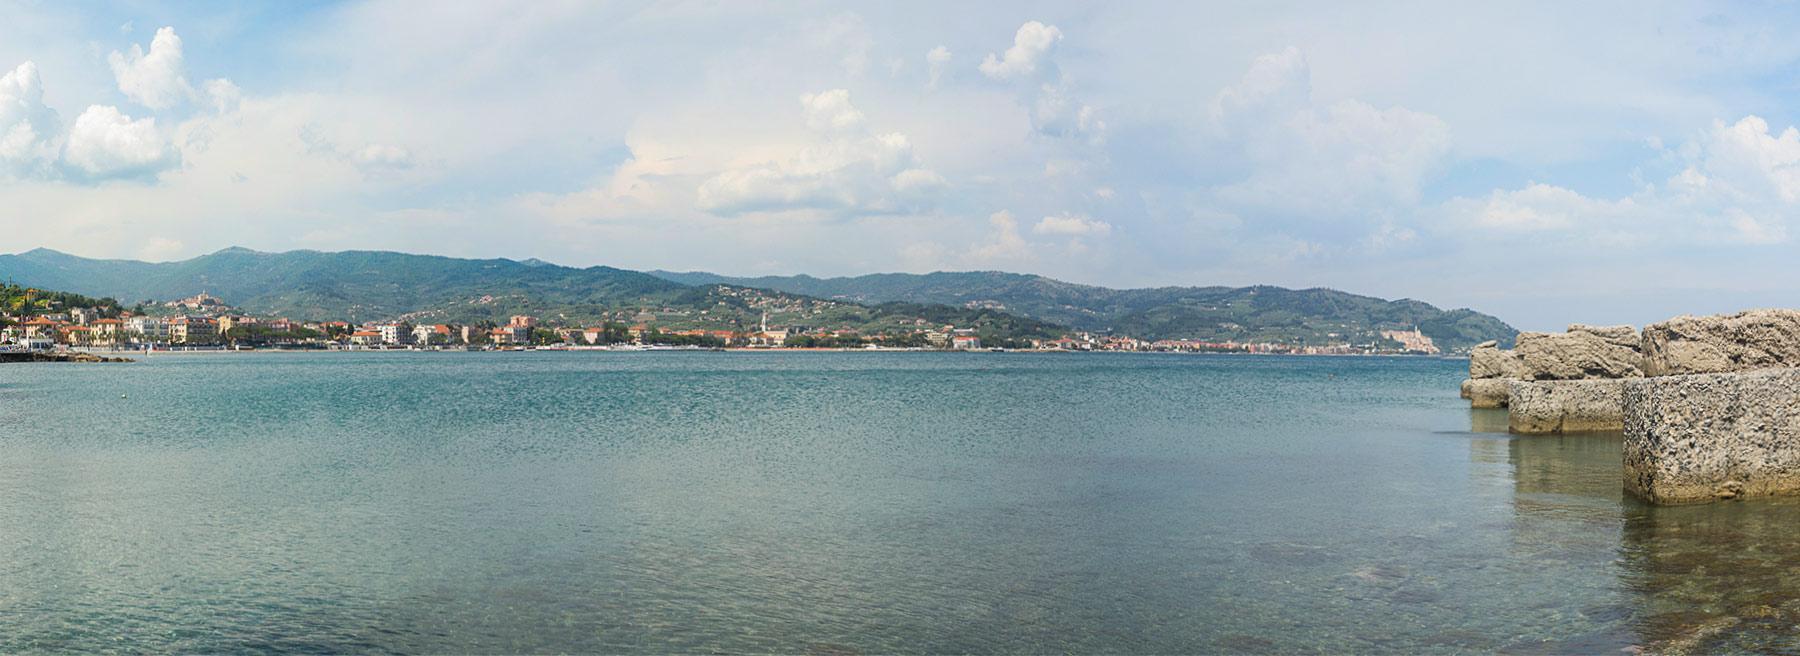 Immagine del Golfo Dianese visto dal Molo Landini